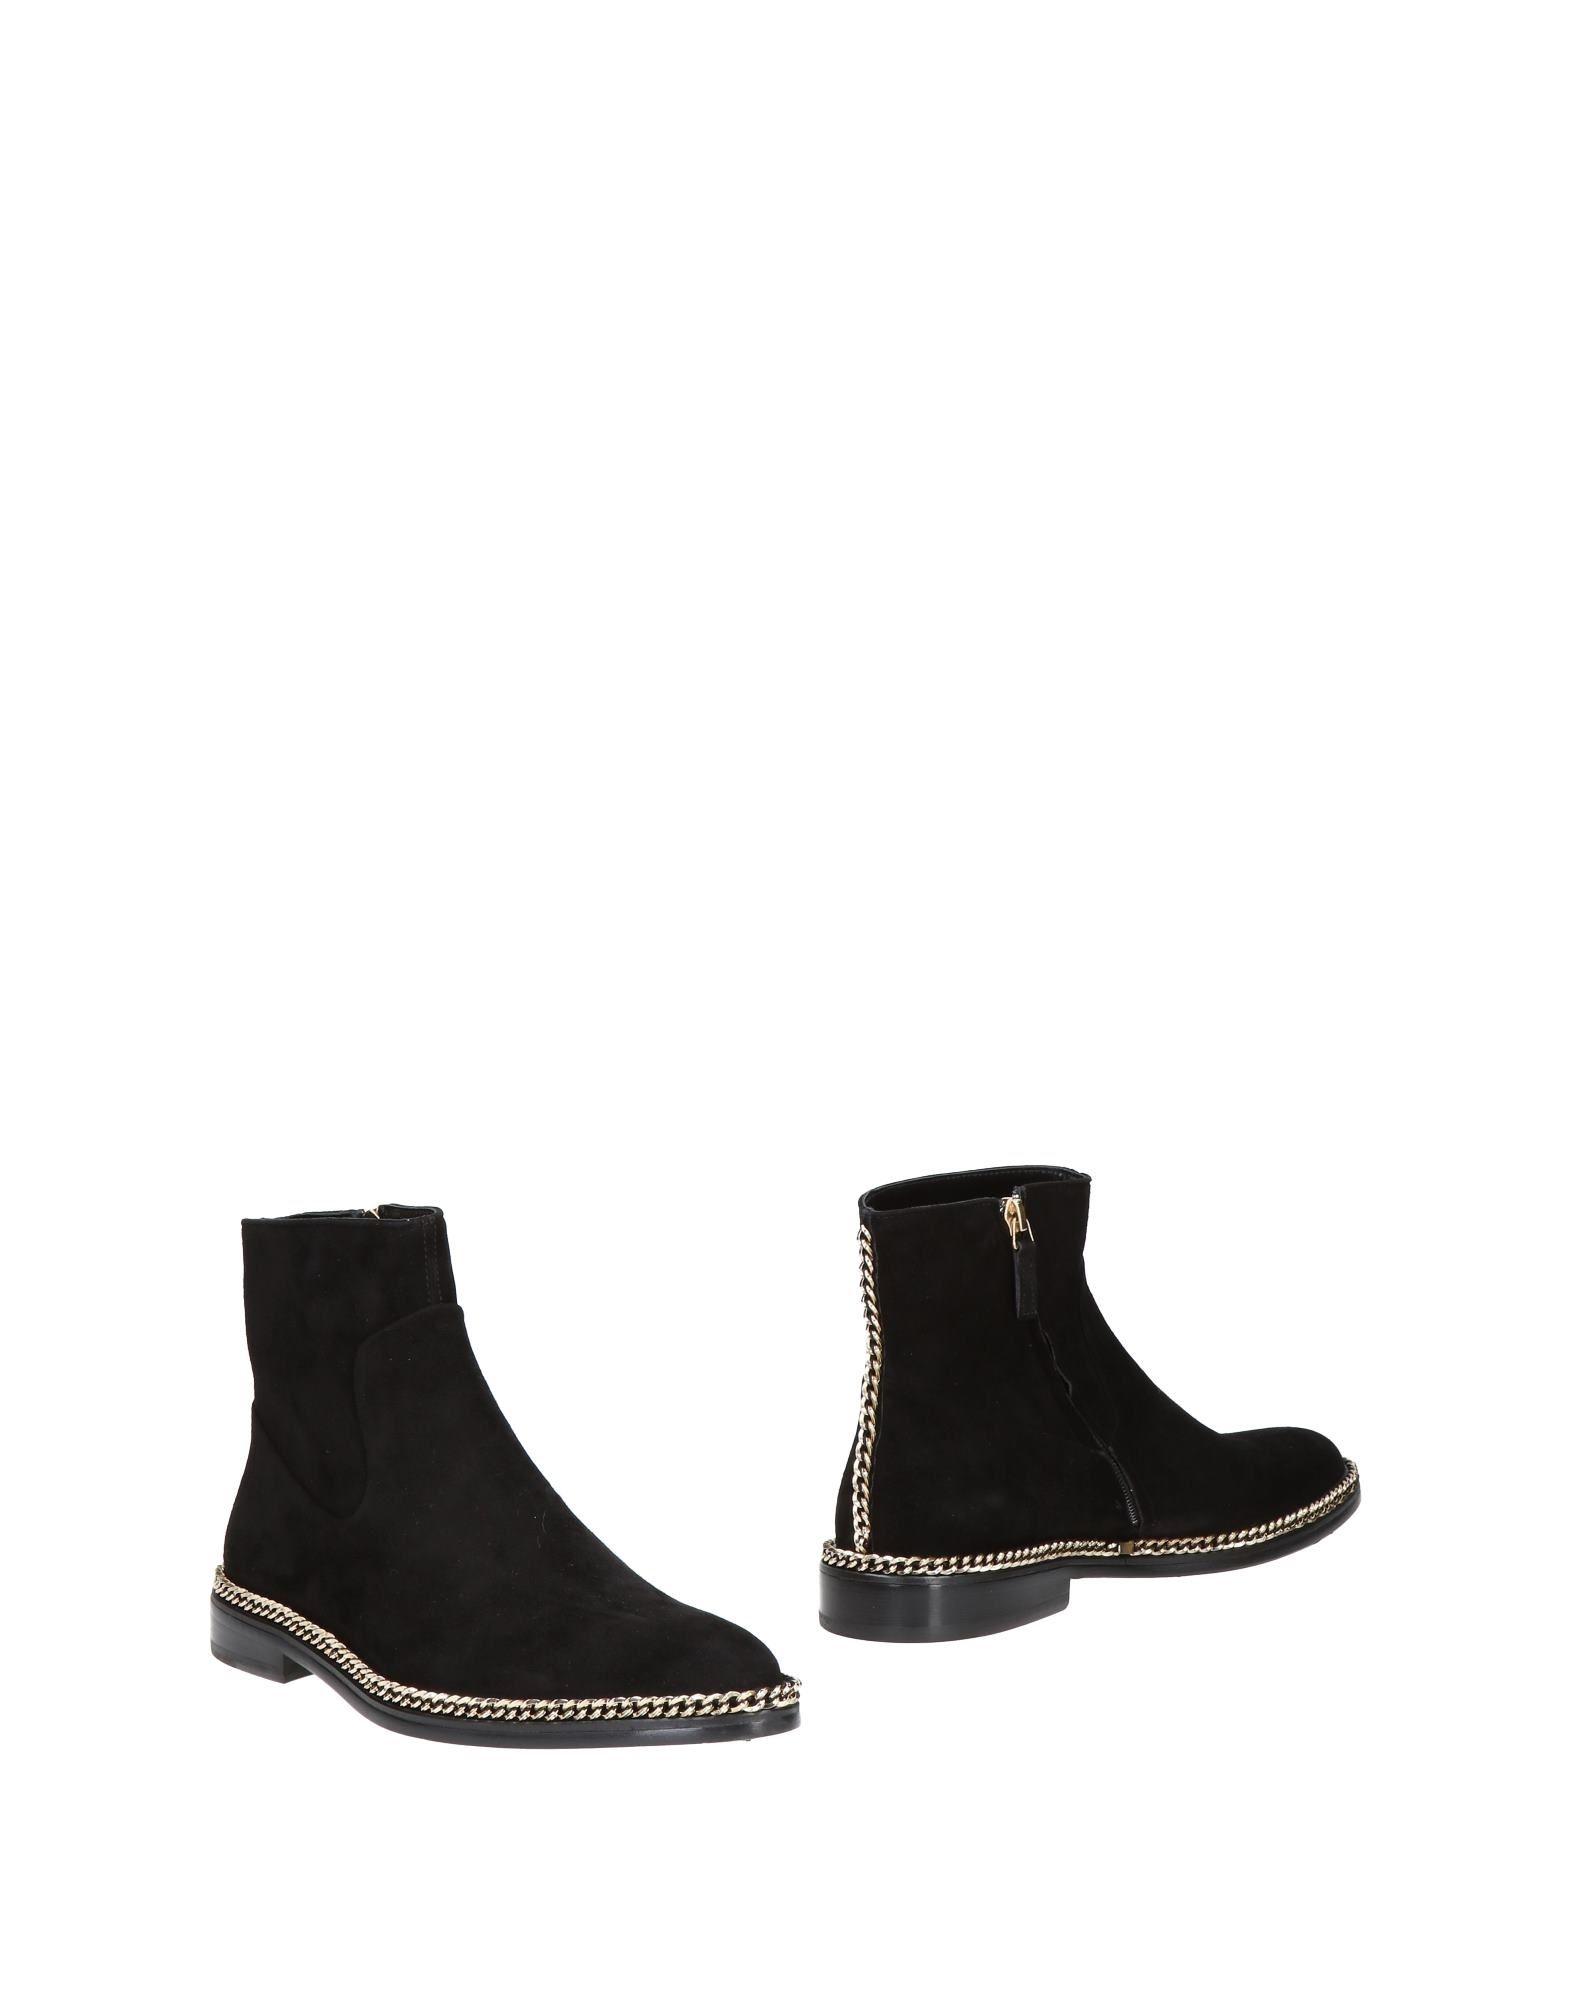 Lanvin Stiefelette Damen  11491855CVGünstige gut aussehende Schuhe